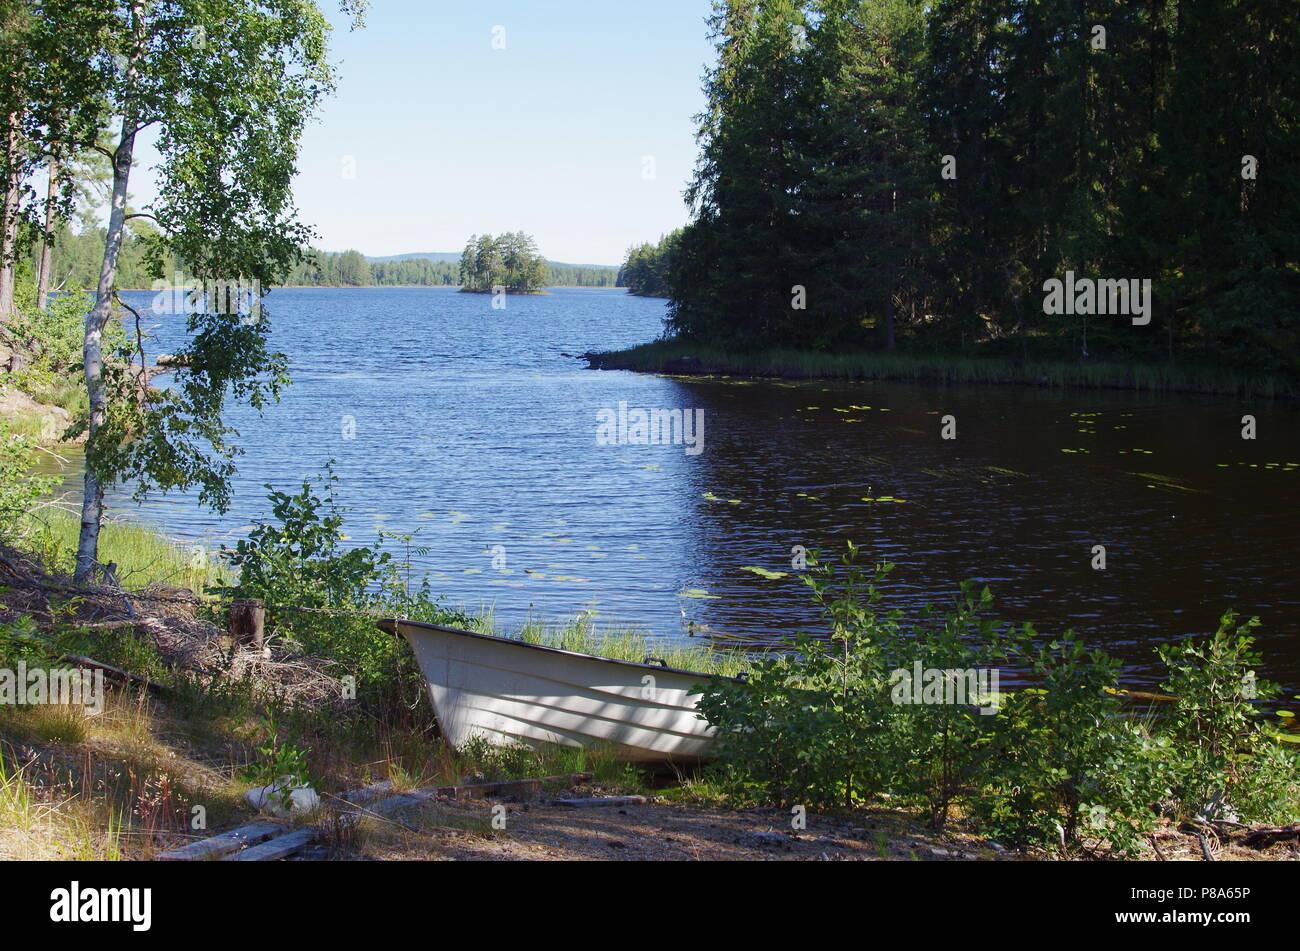 Scenic lake in the heart of Dalarna in Sweden - Stock Image